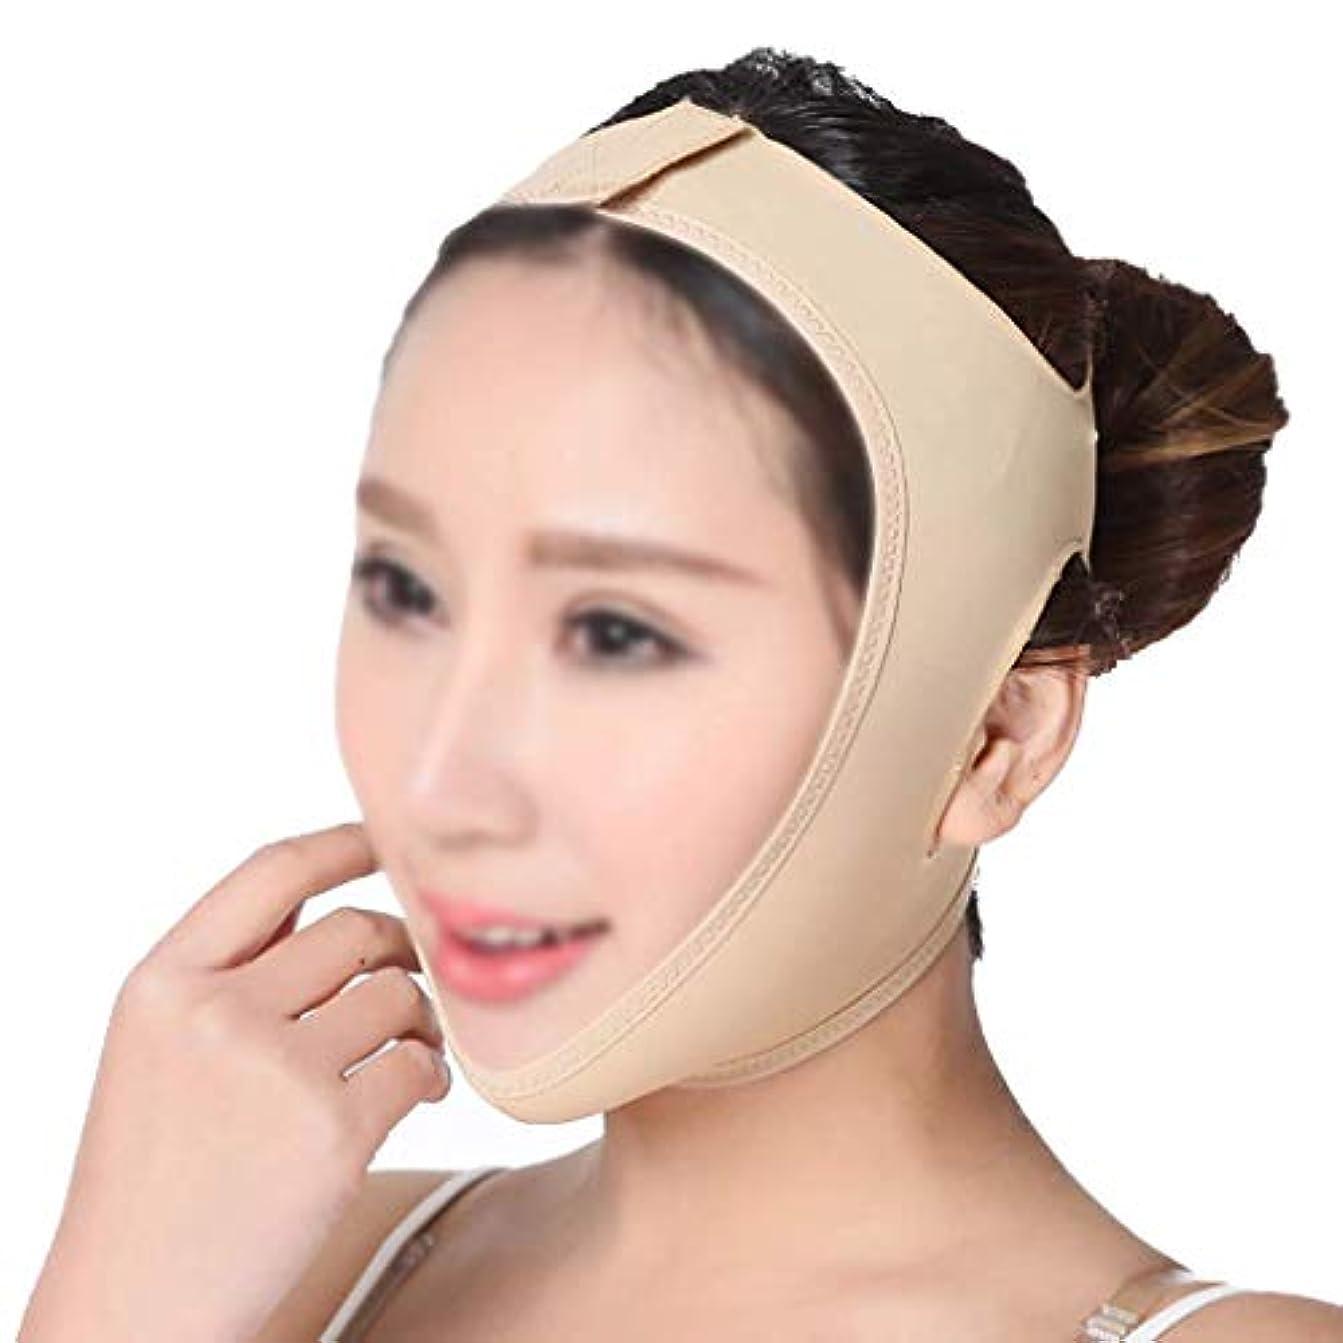 下線の間で誇張するフェイスリフティングマスク、リフティングチン、フェイシャルスキン、頬垂れ防止、快適で 生地、詰まることを拒否、着用が簡単(サイズ:M),Xl